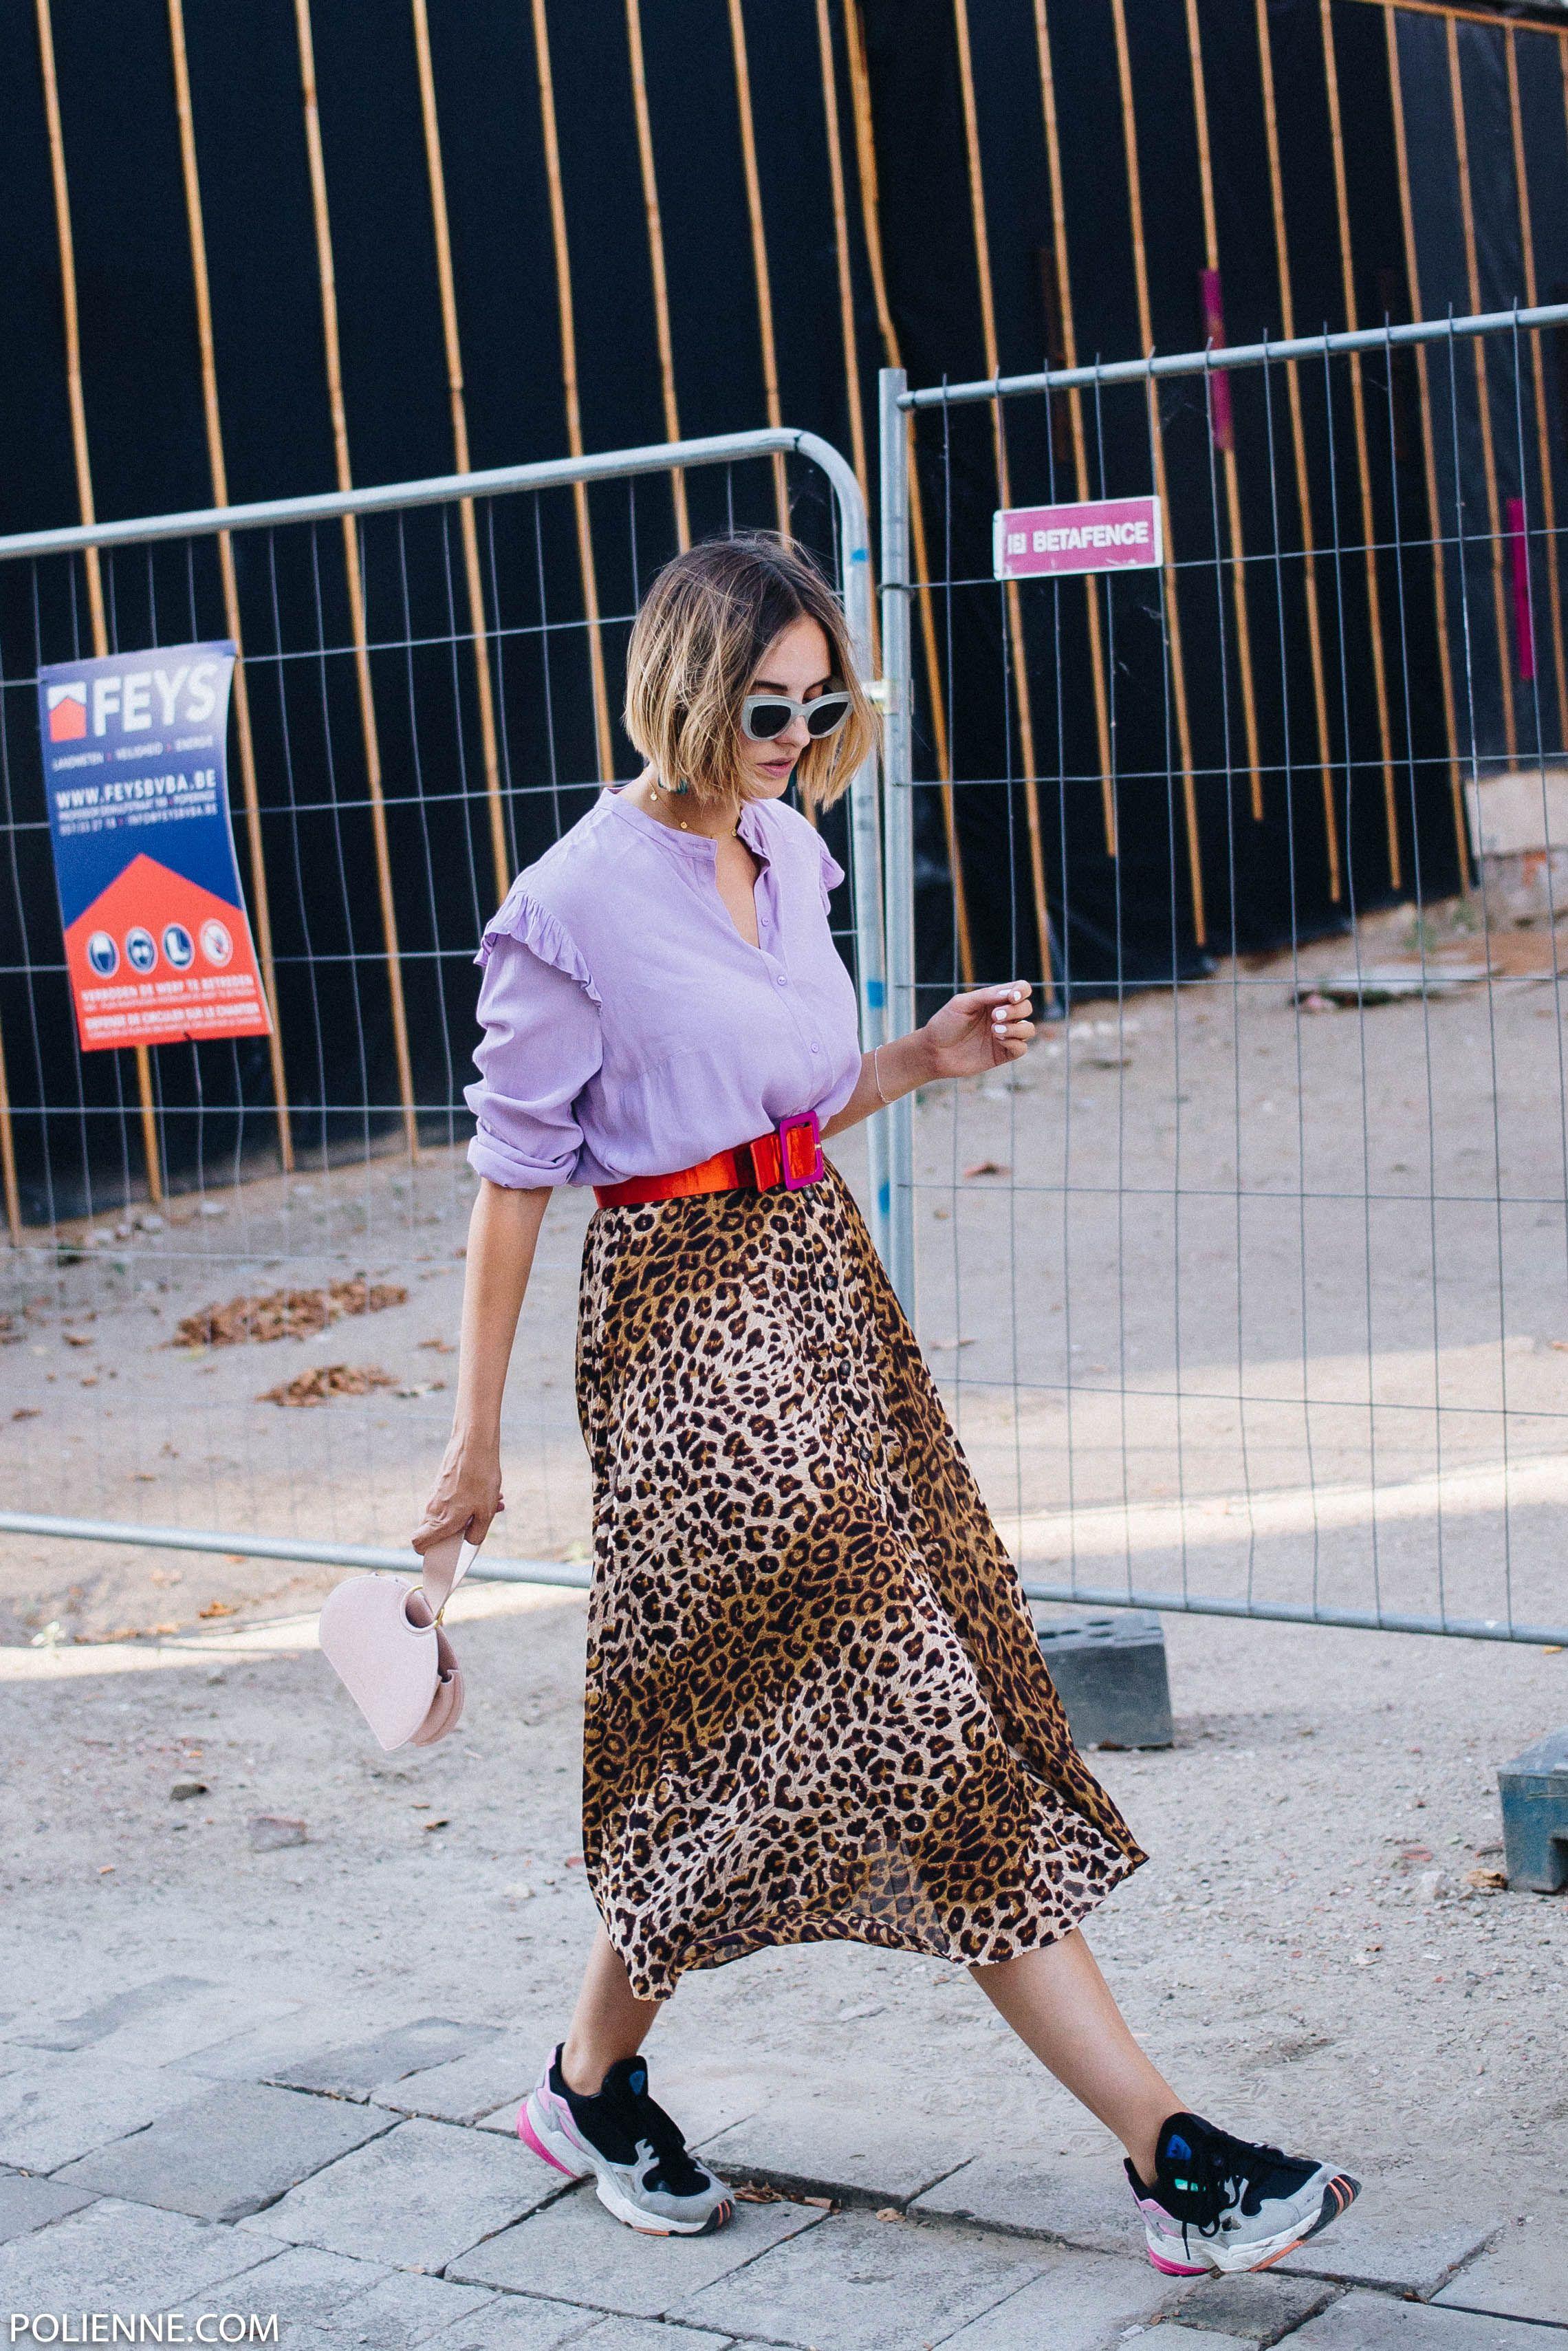 ff7298ead29 Feeling eclectic / leopard skirt / Adidas Falcon - POLIENNE by Paulien  Riemis